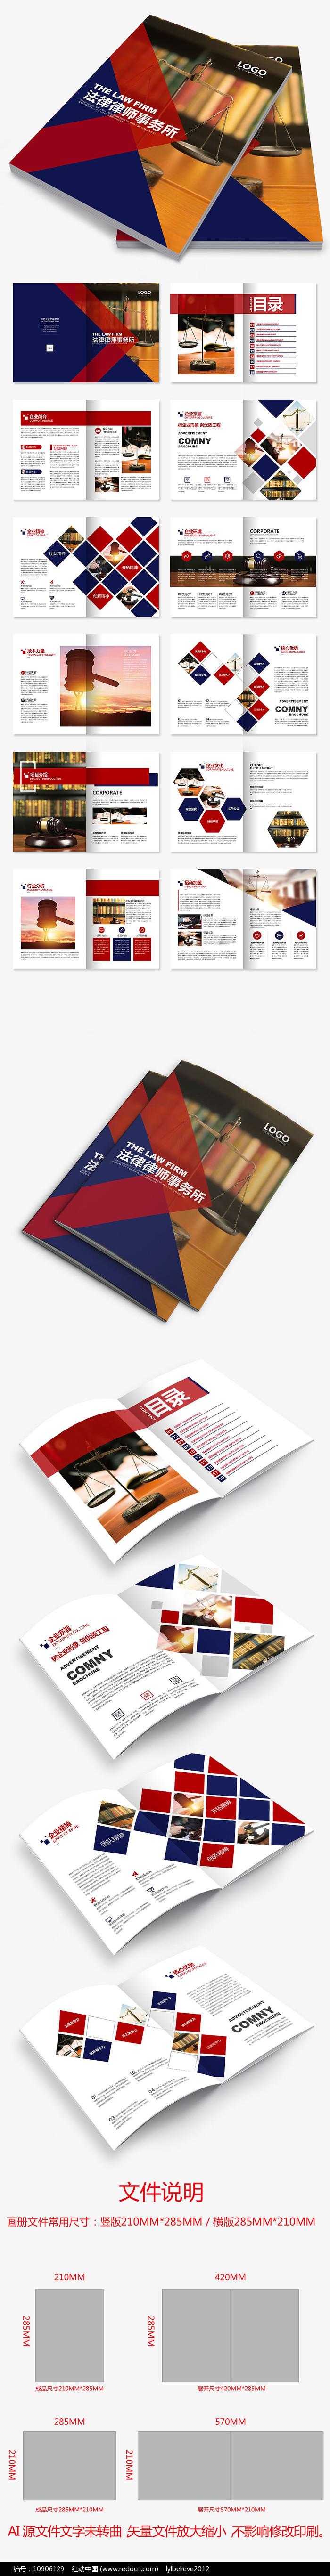 红蓝色律师事务所画册法律法务画册模板